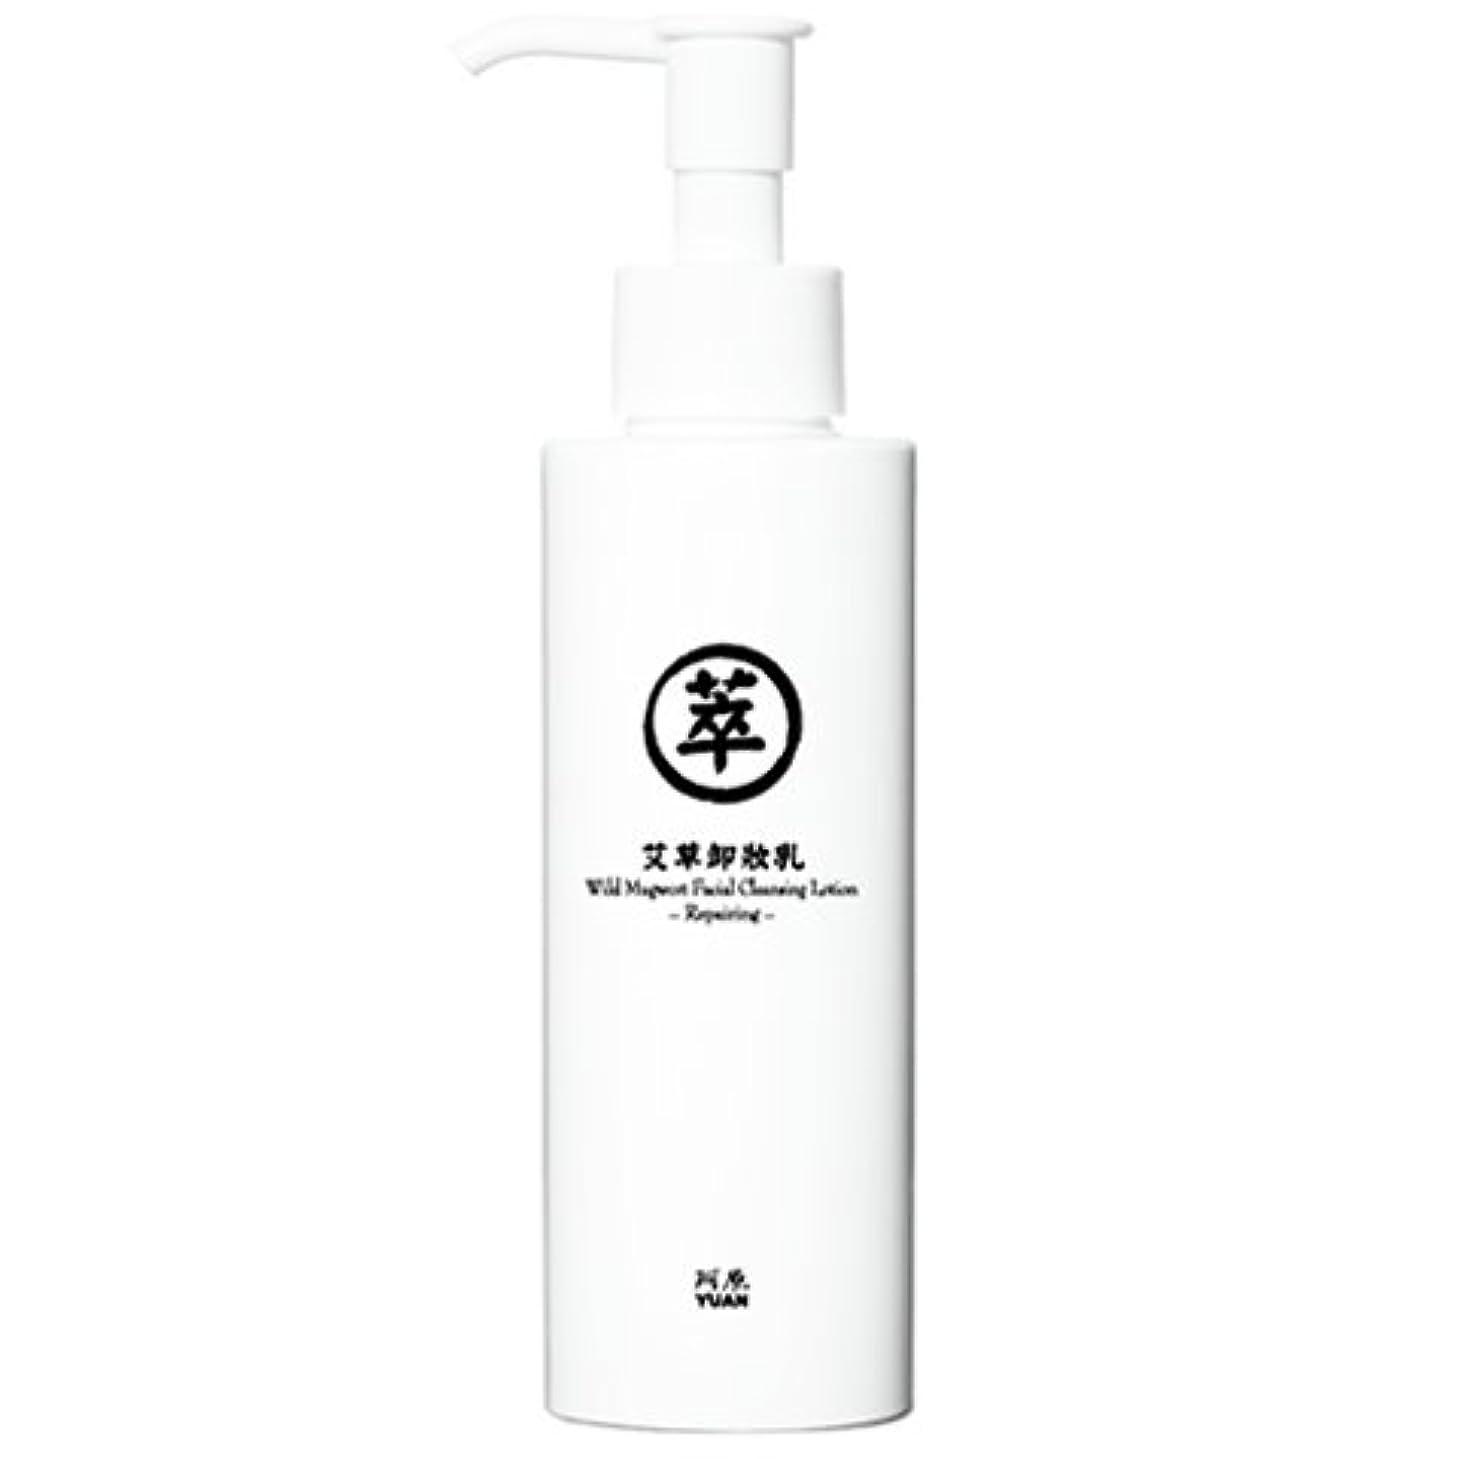 精緻化コインビジターユアン(YUAN)ヨモギクレンジングミルク 150ml(阿原 ユアンソープ 台湾コスメ)